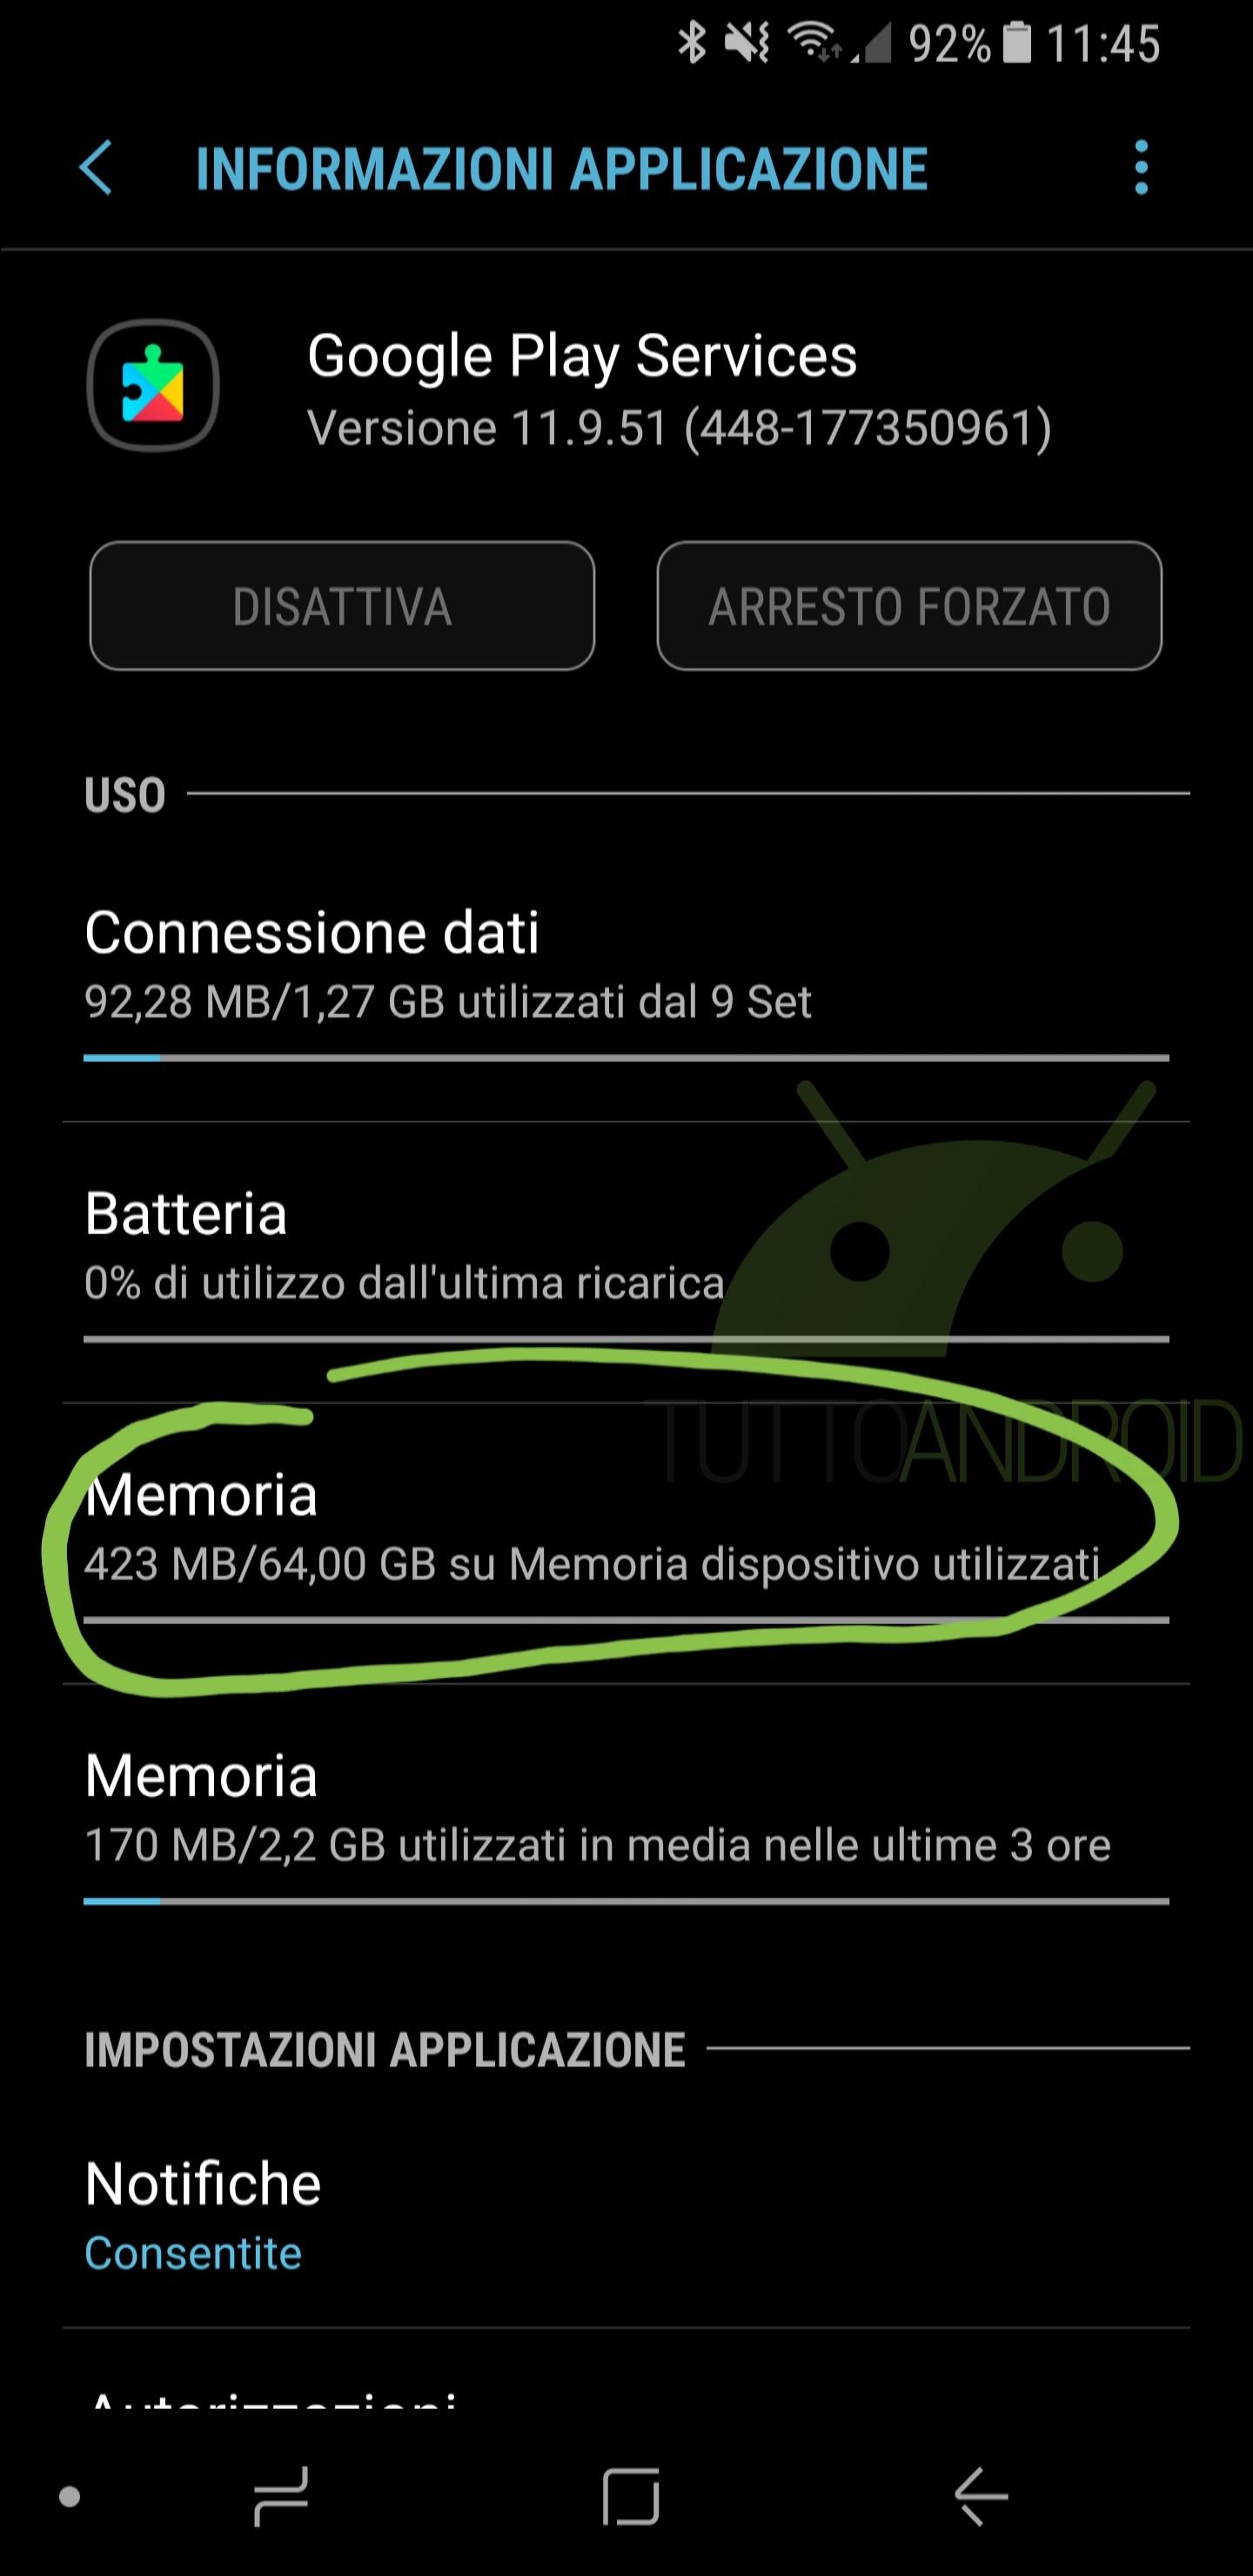 Google Play Services | Cosa sono | Aggiornare | Crash